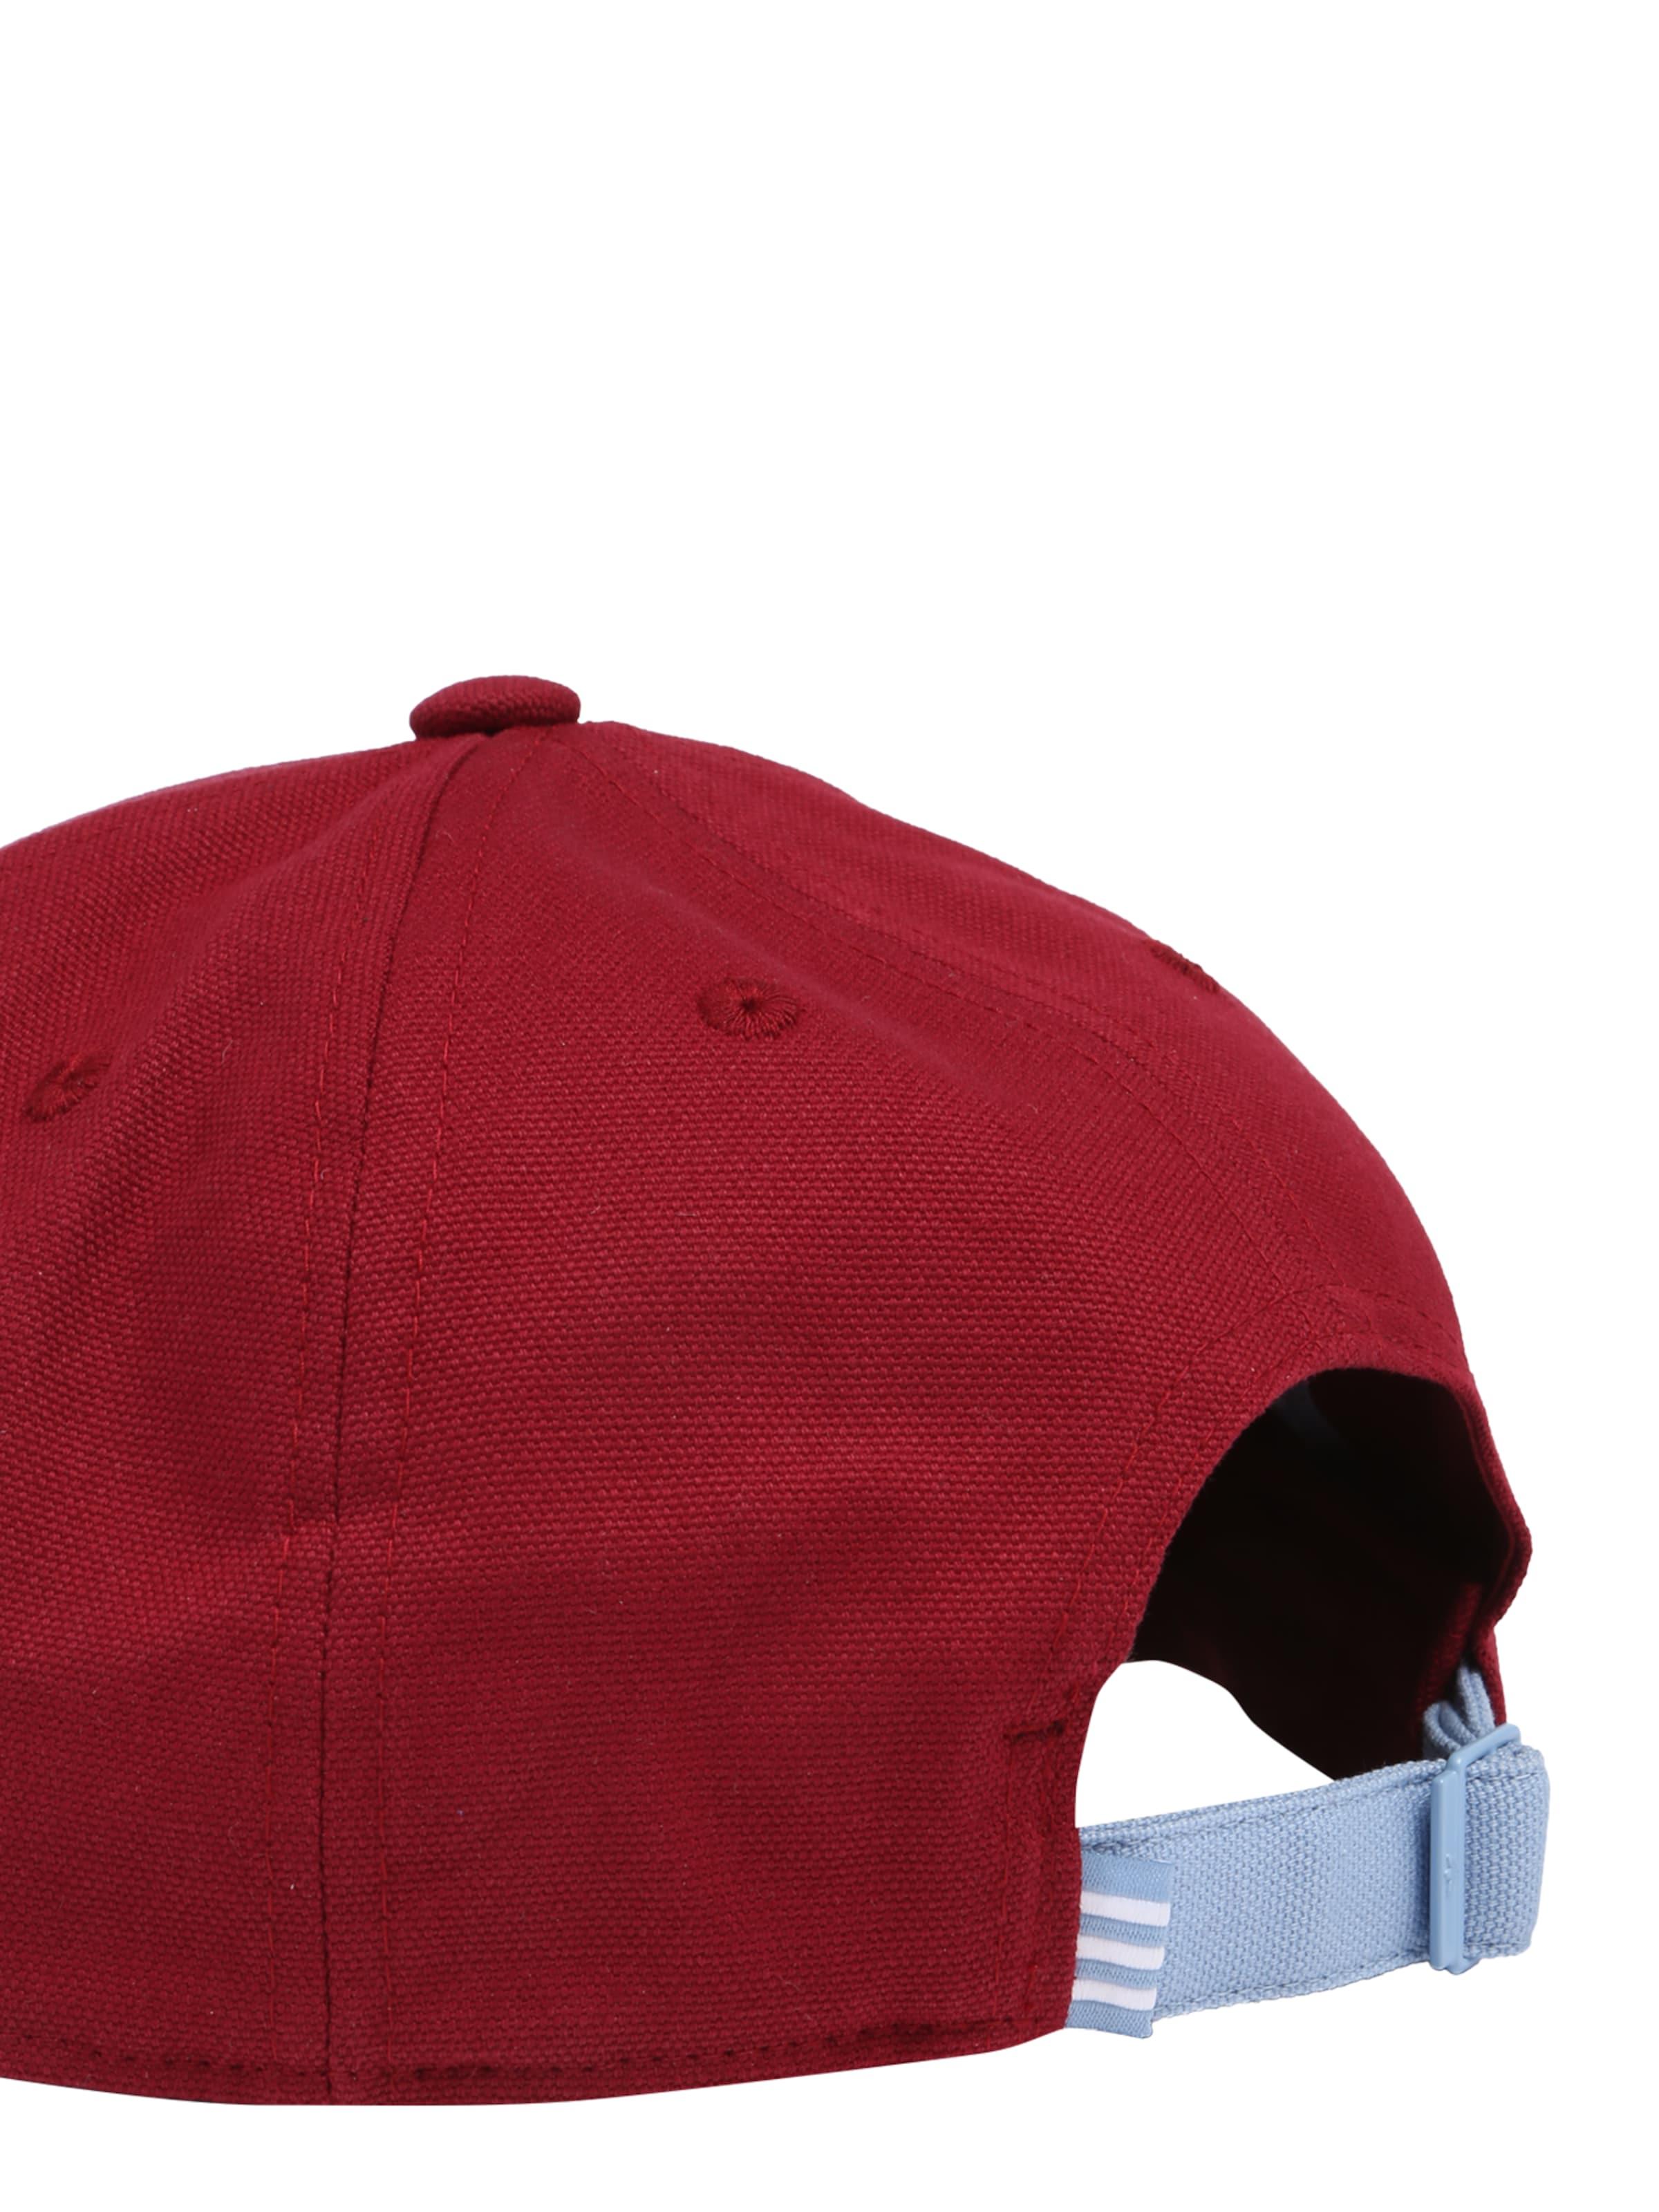 Billige Versorgung ADIDAS ORIGINALS Kappe mit Trefoil Guenstige Verkauf Erhalten Authentisch Auslass Hohe Qualität VkJ0uxYjDI